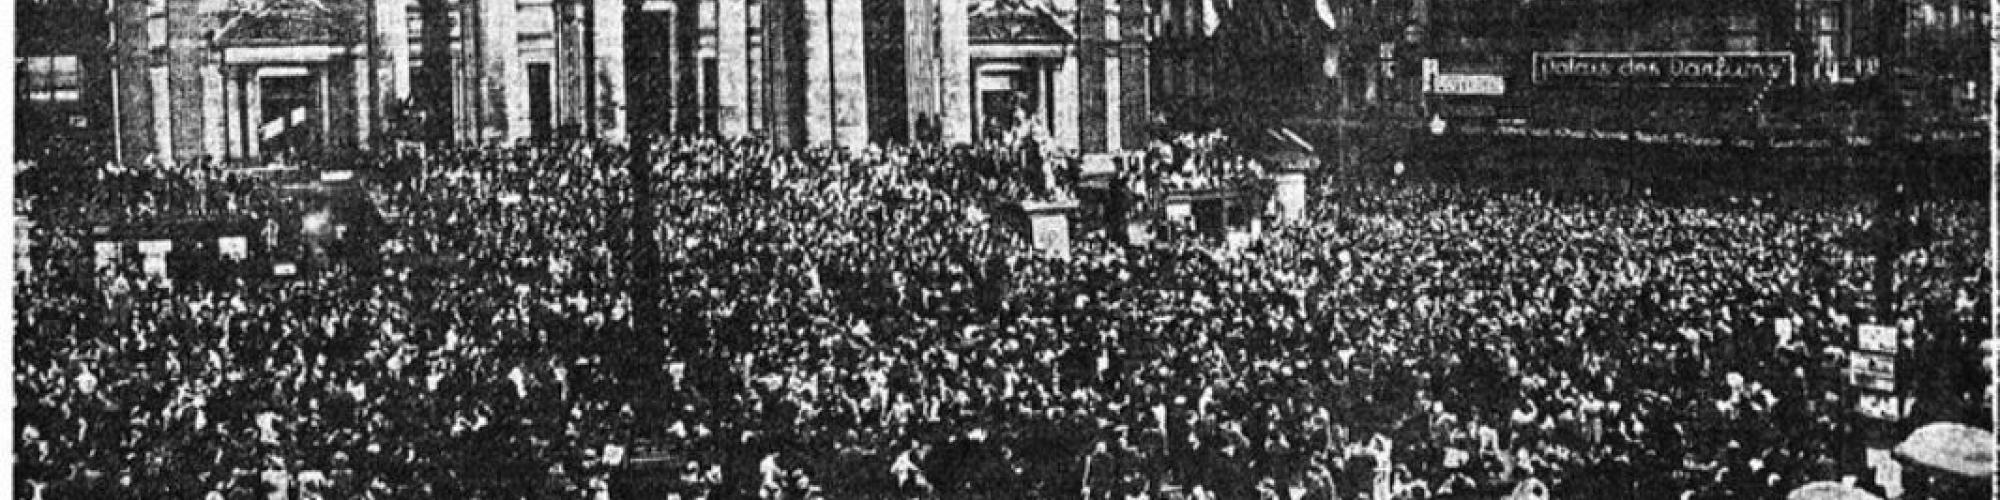 Brussels, 8.5.1945 (La Nation belge, 10.5.1945 - Belgicapress - copyrights KBR)